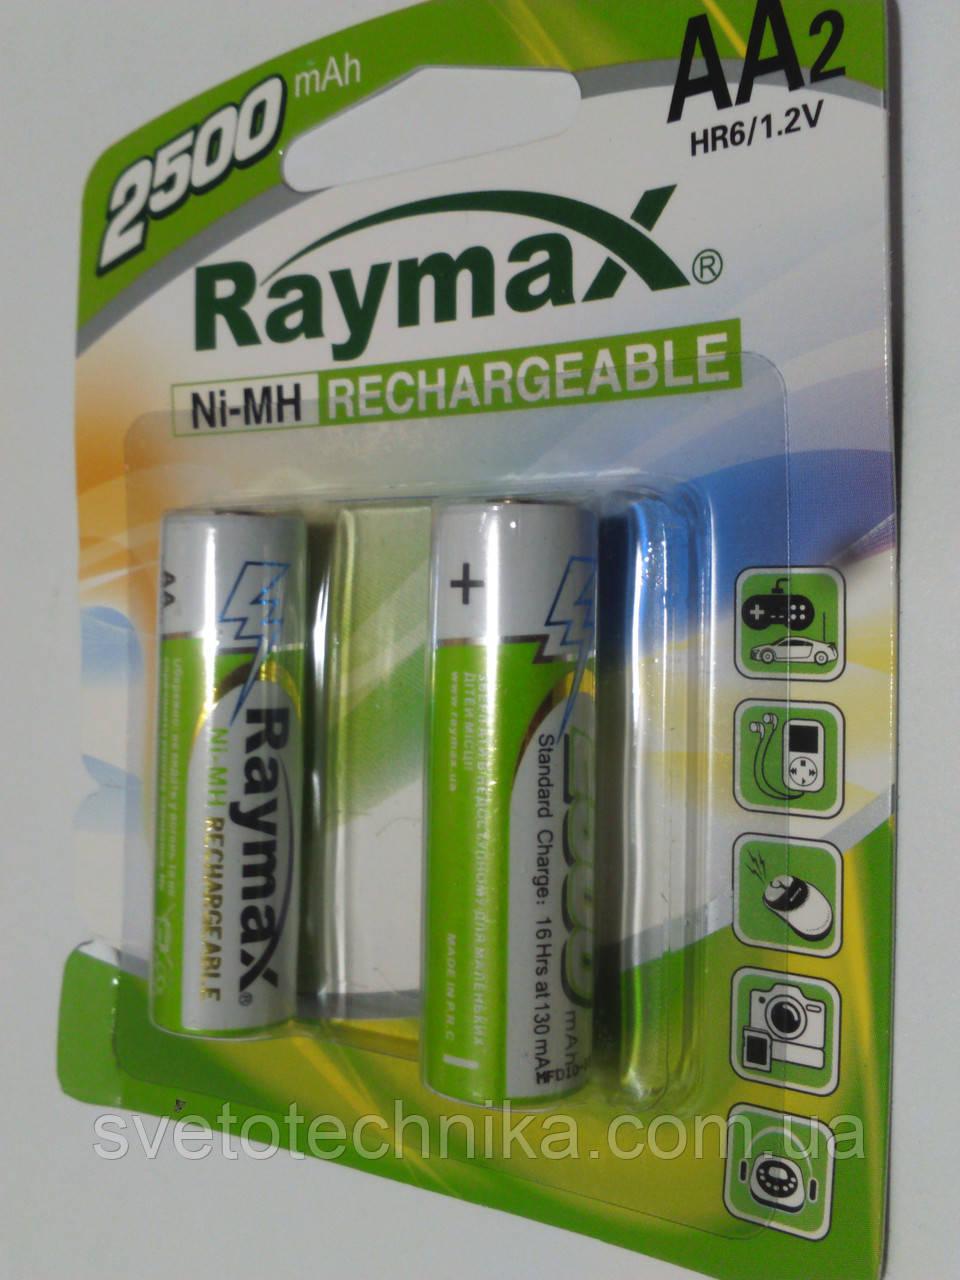 Аккумулятор (2шт.) Raymax HR6 1.2V 2500mAh Ni-MH AA